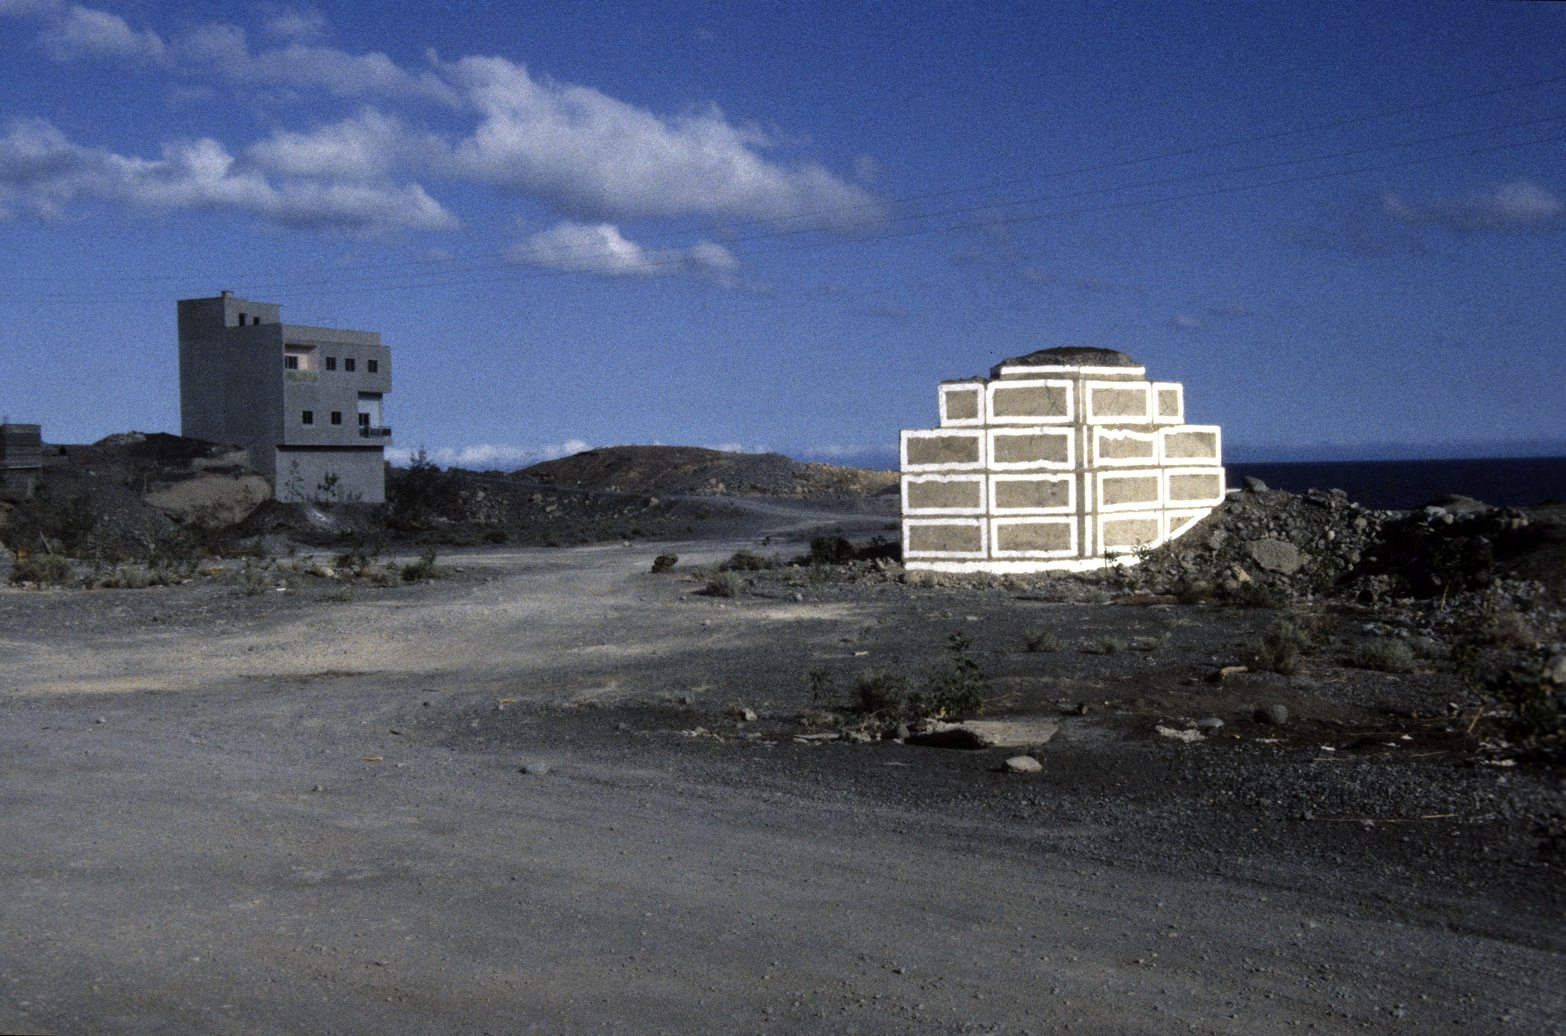 Reformierung IV. 1989, Wandfarbe auf Beton, Las Maretas, Tenerife, Kanarische Inseln, Spanien.